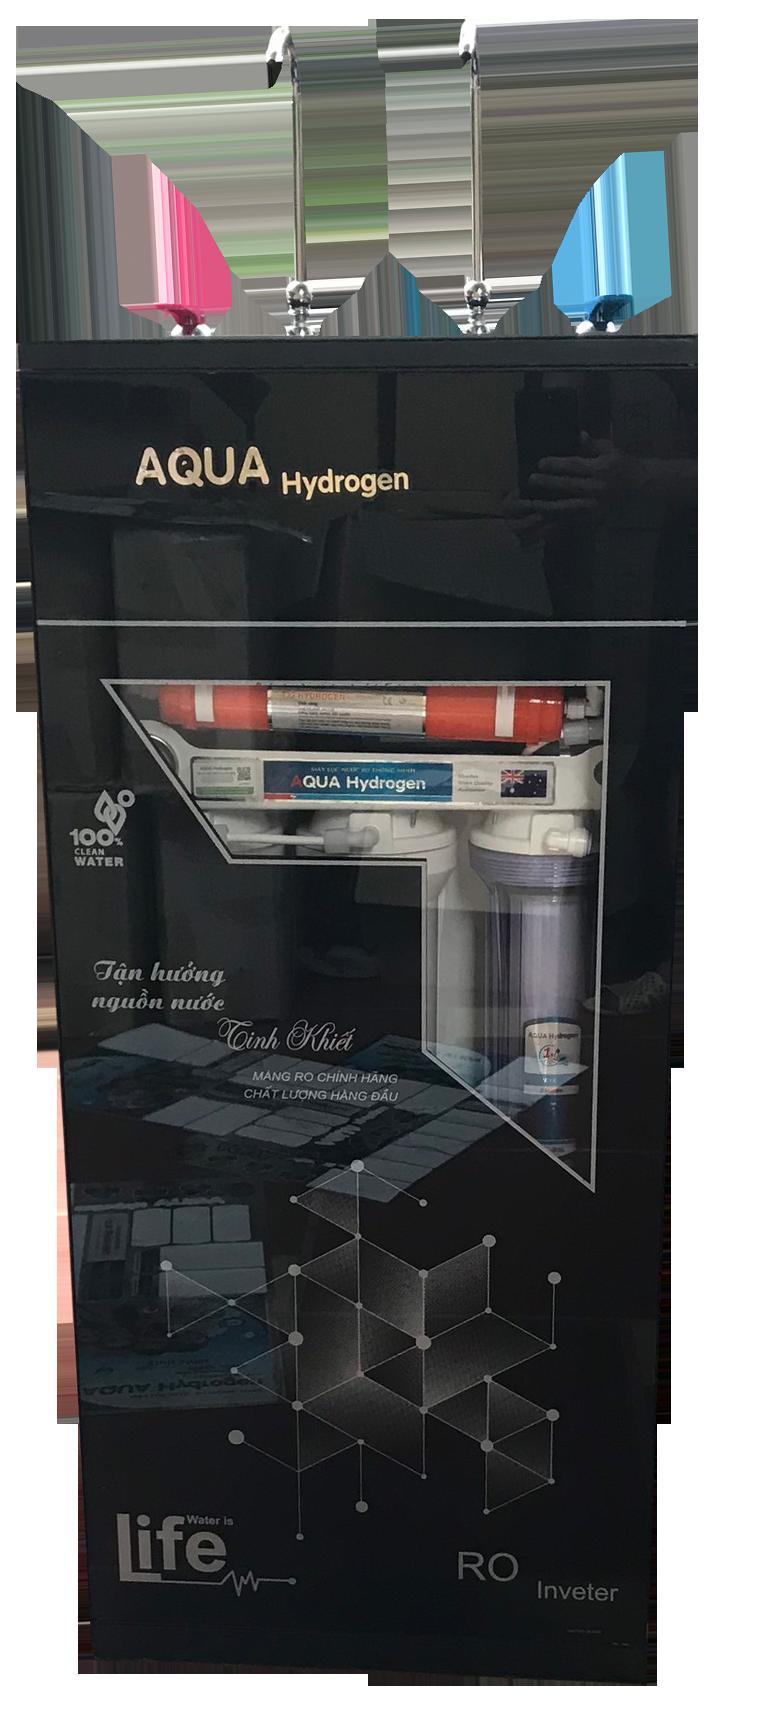 Nóng nguội Aqua hydrogen